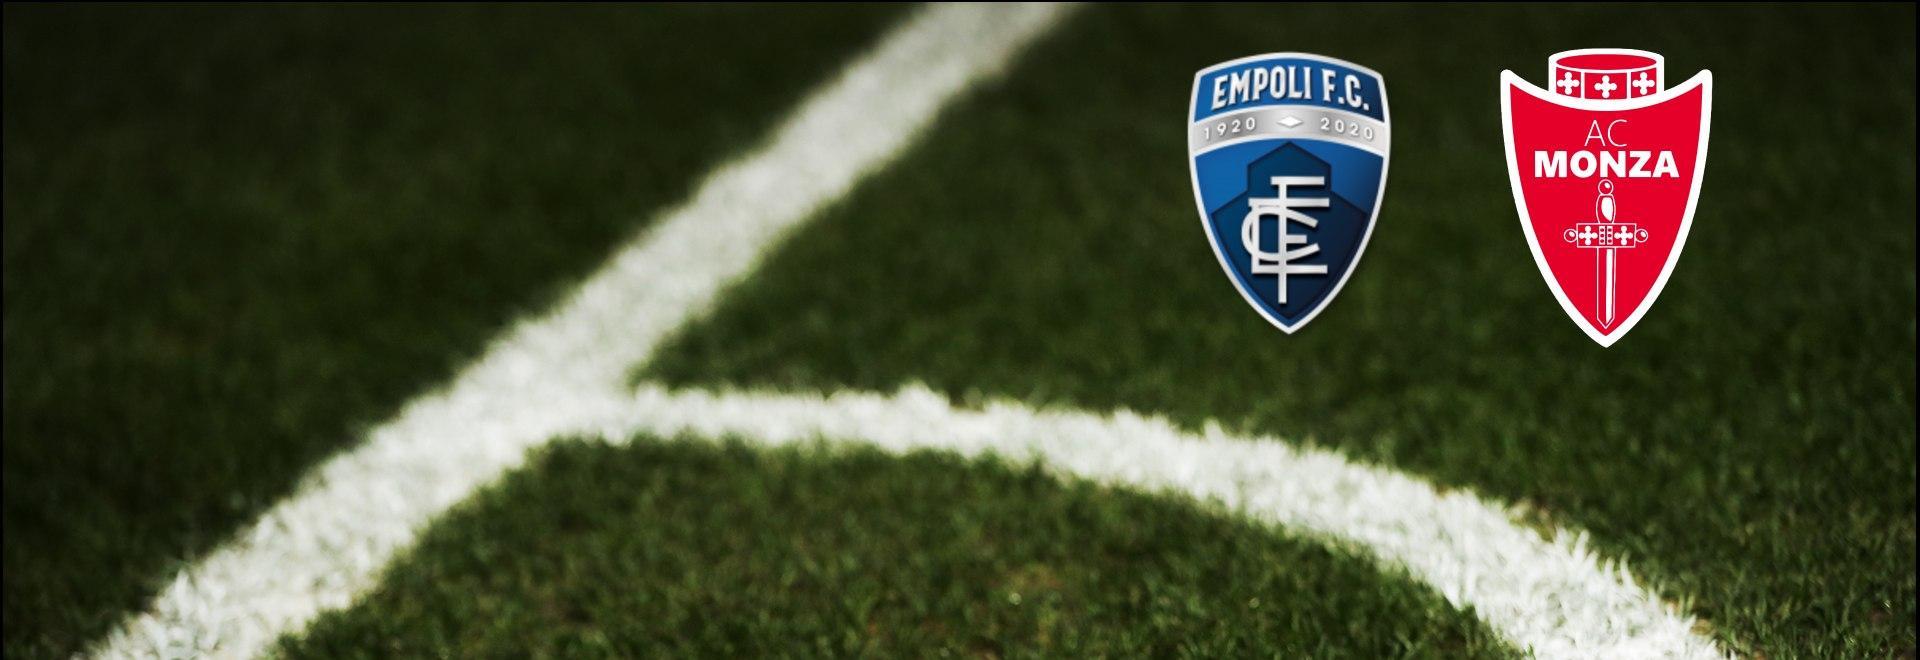 Empoli - Monza. 2a g.